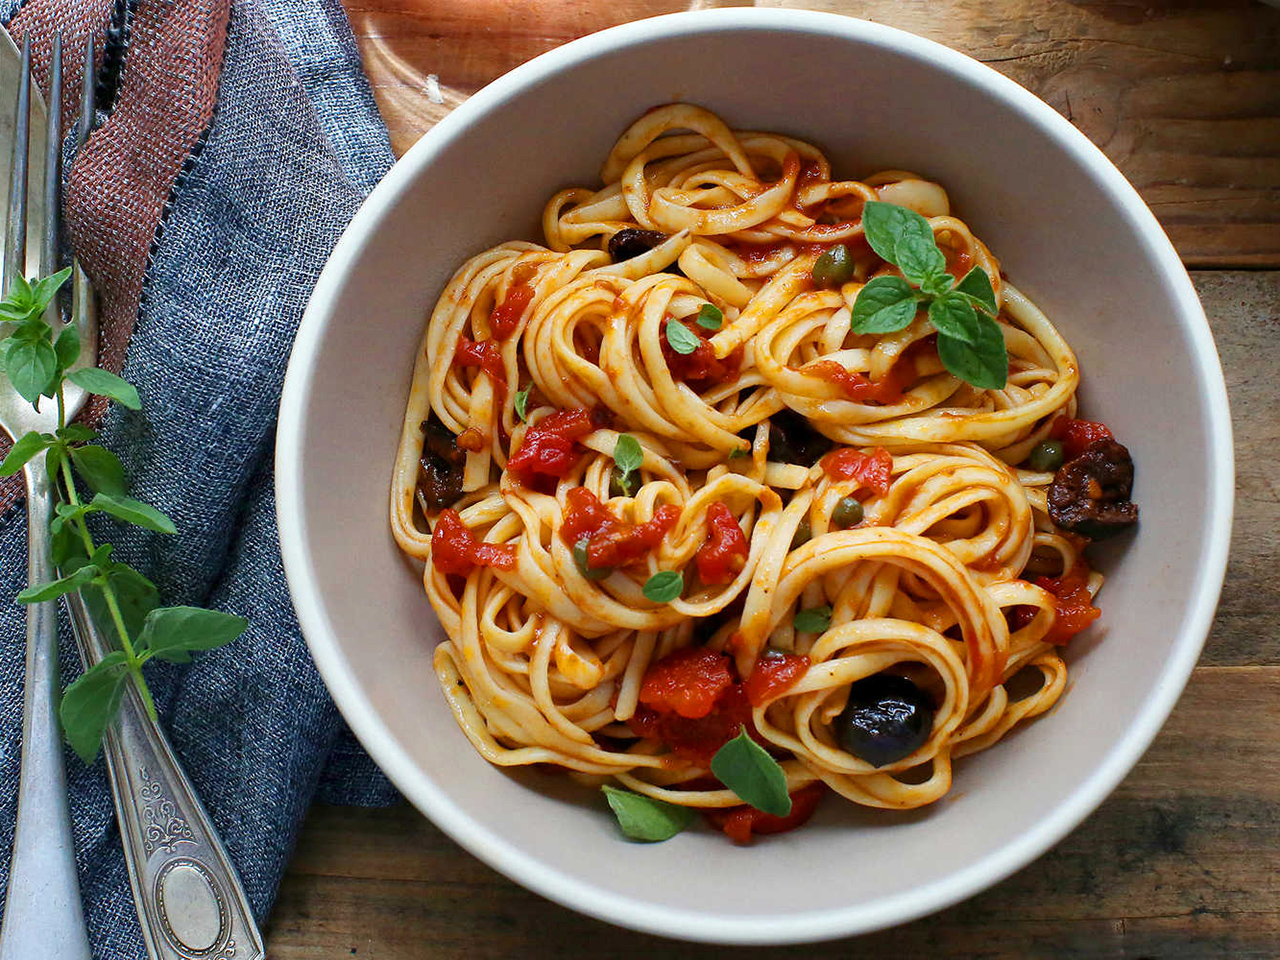 итальянская паста рецепты в домашних условиях в мультиварке